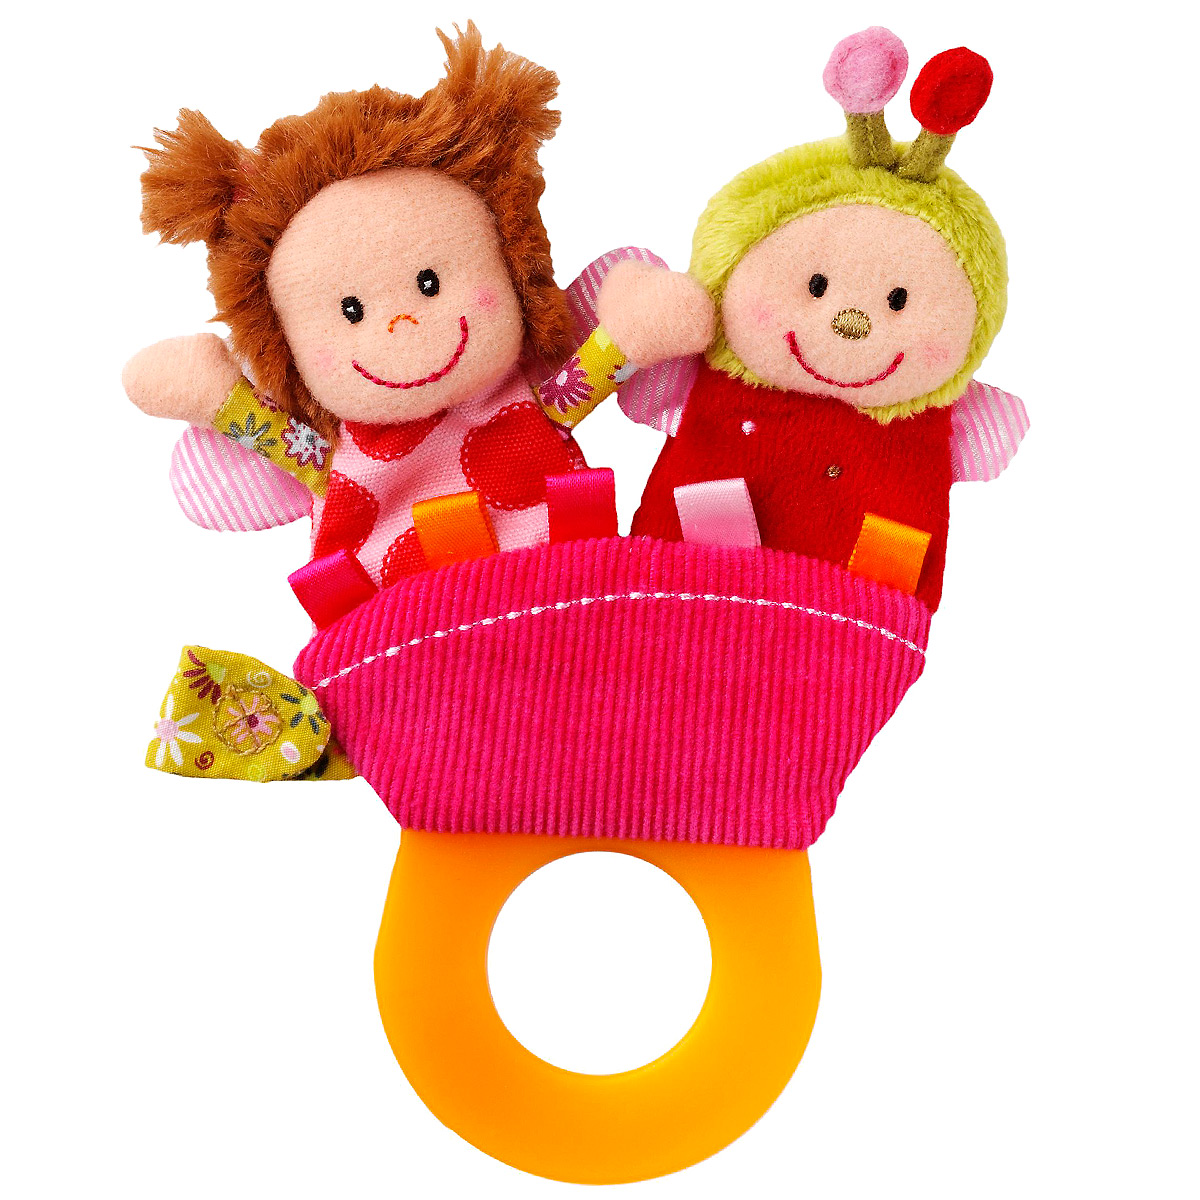 Lilliputiens Погремушка-прорезыватель Божья коровка Лиза мягкие игрушки lilliputiens божья коровка лиза